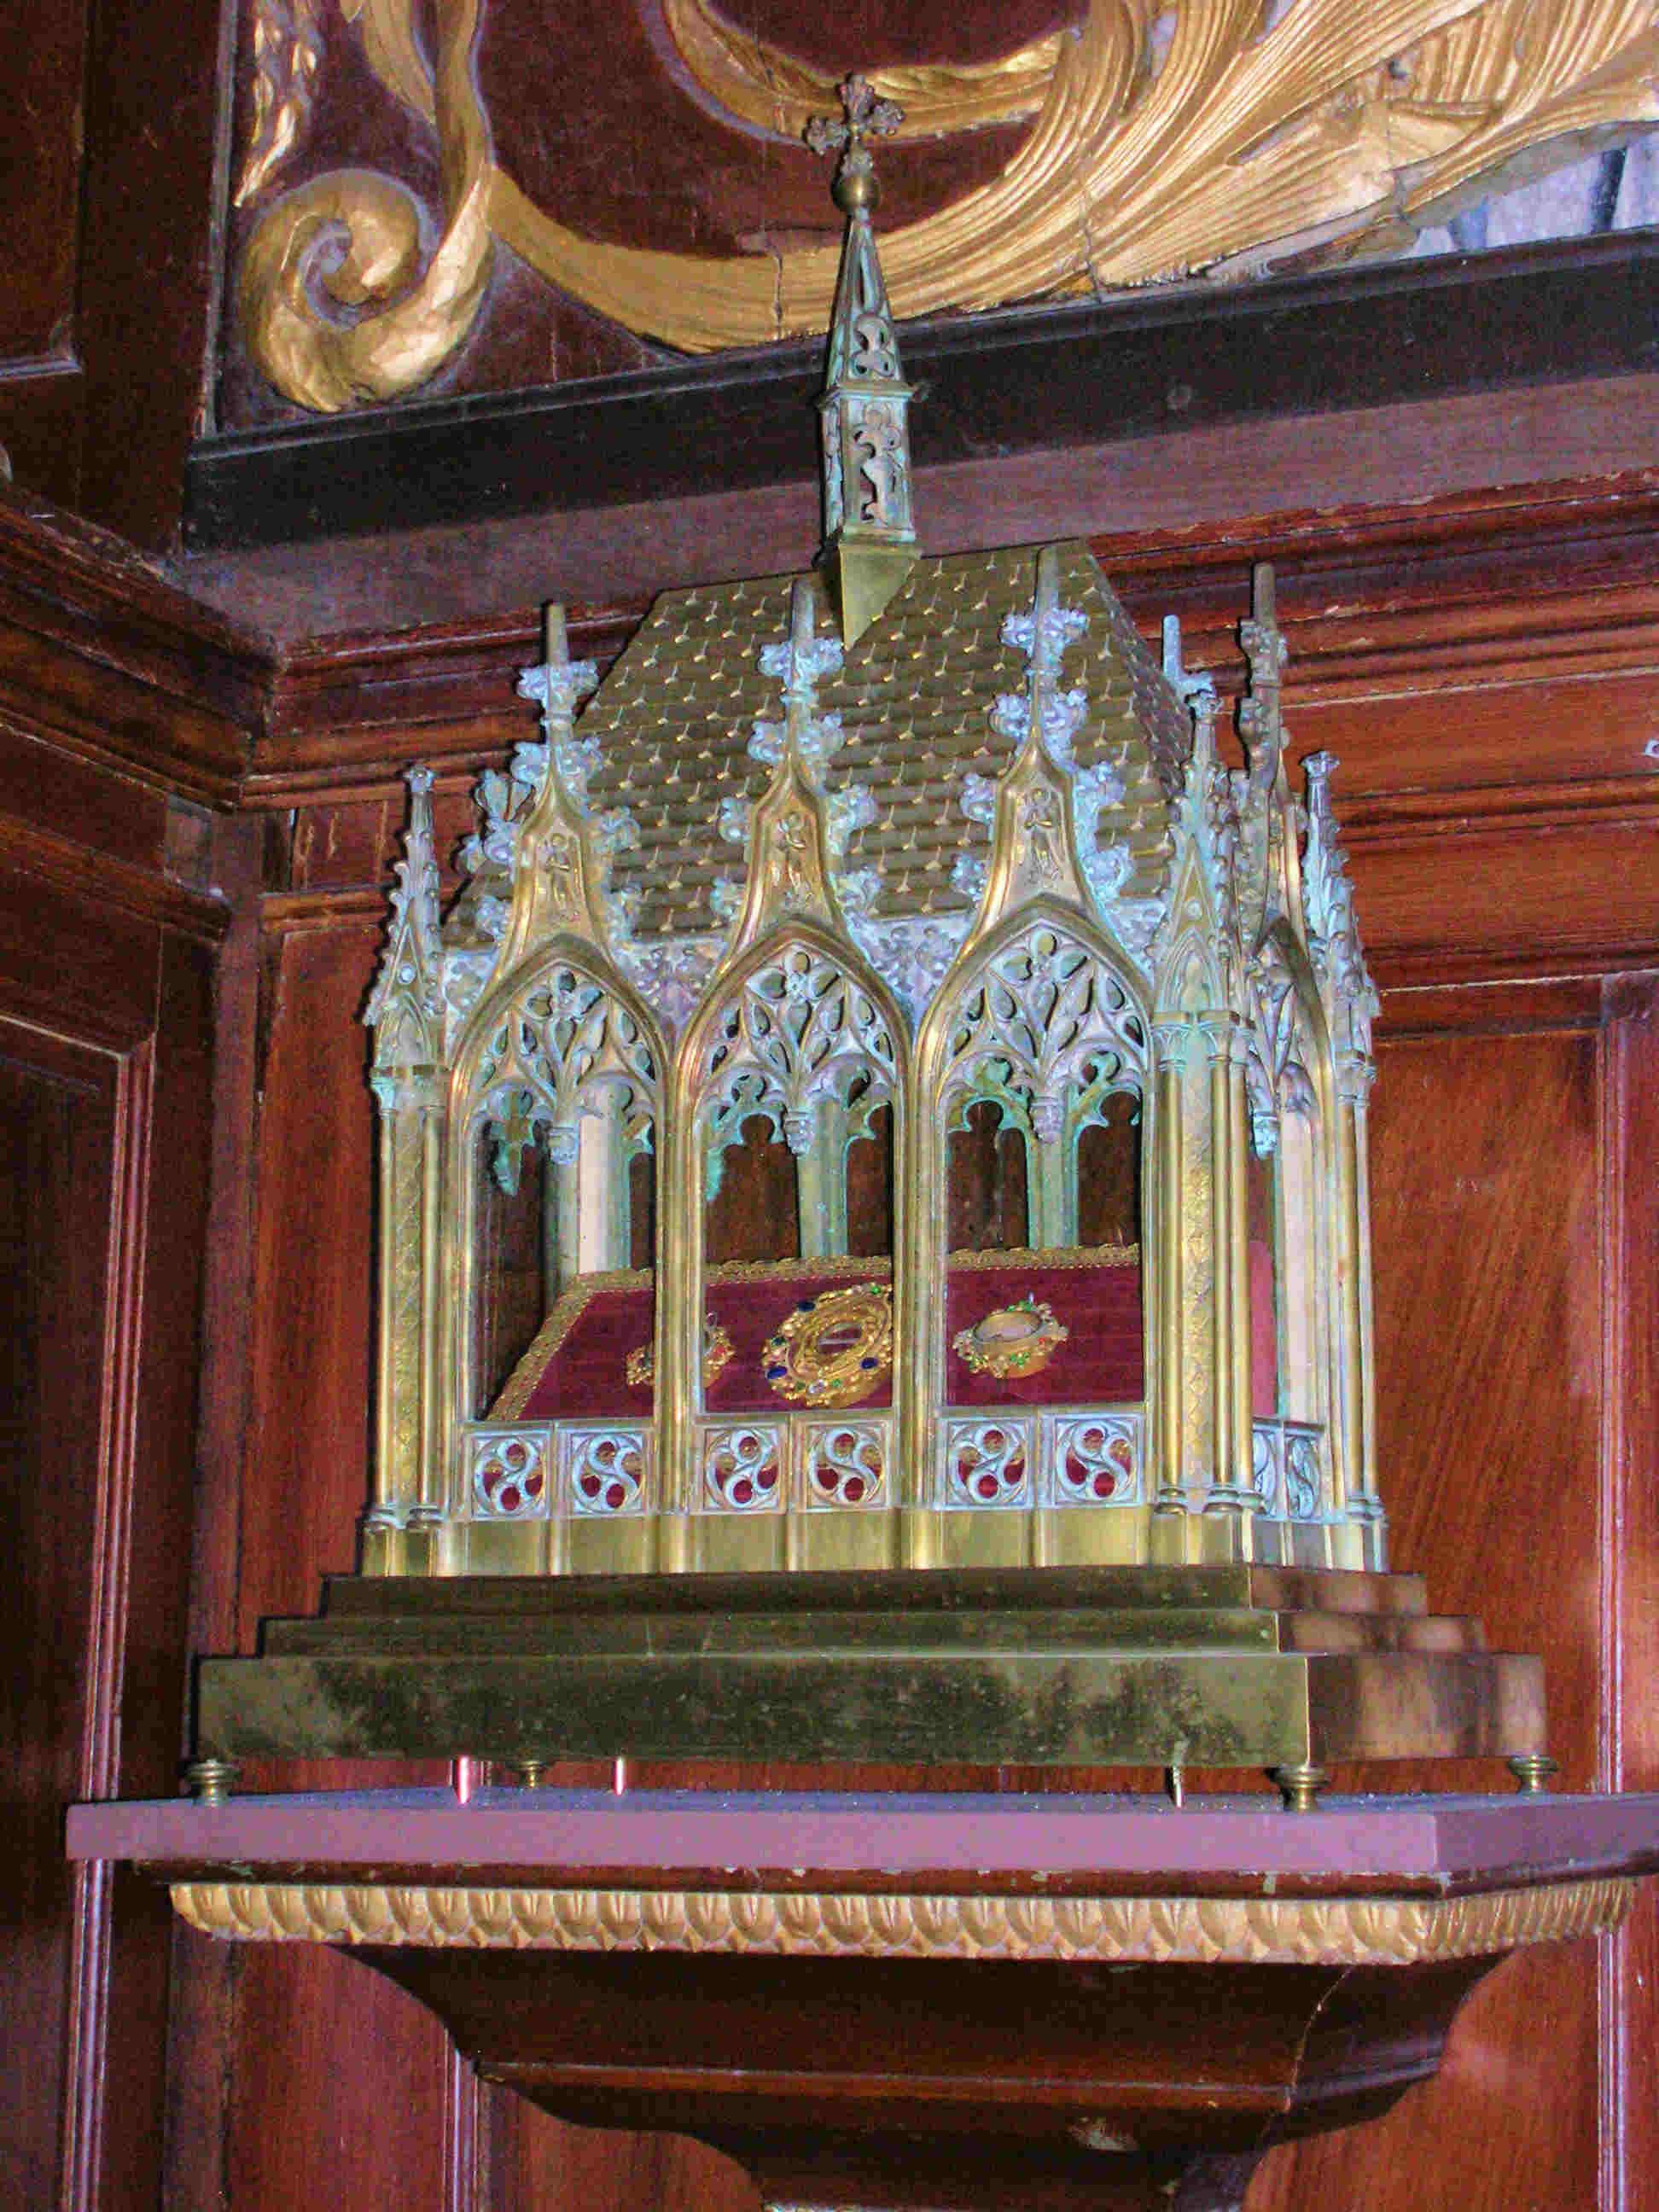 http://www.sainte-philomene.info/images/voves_st-lubin_reliquaire_a2.jpg